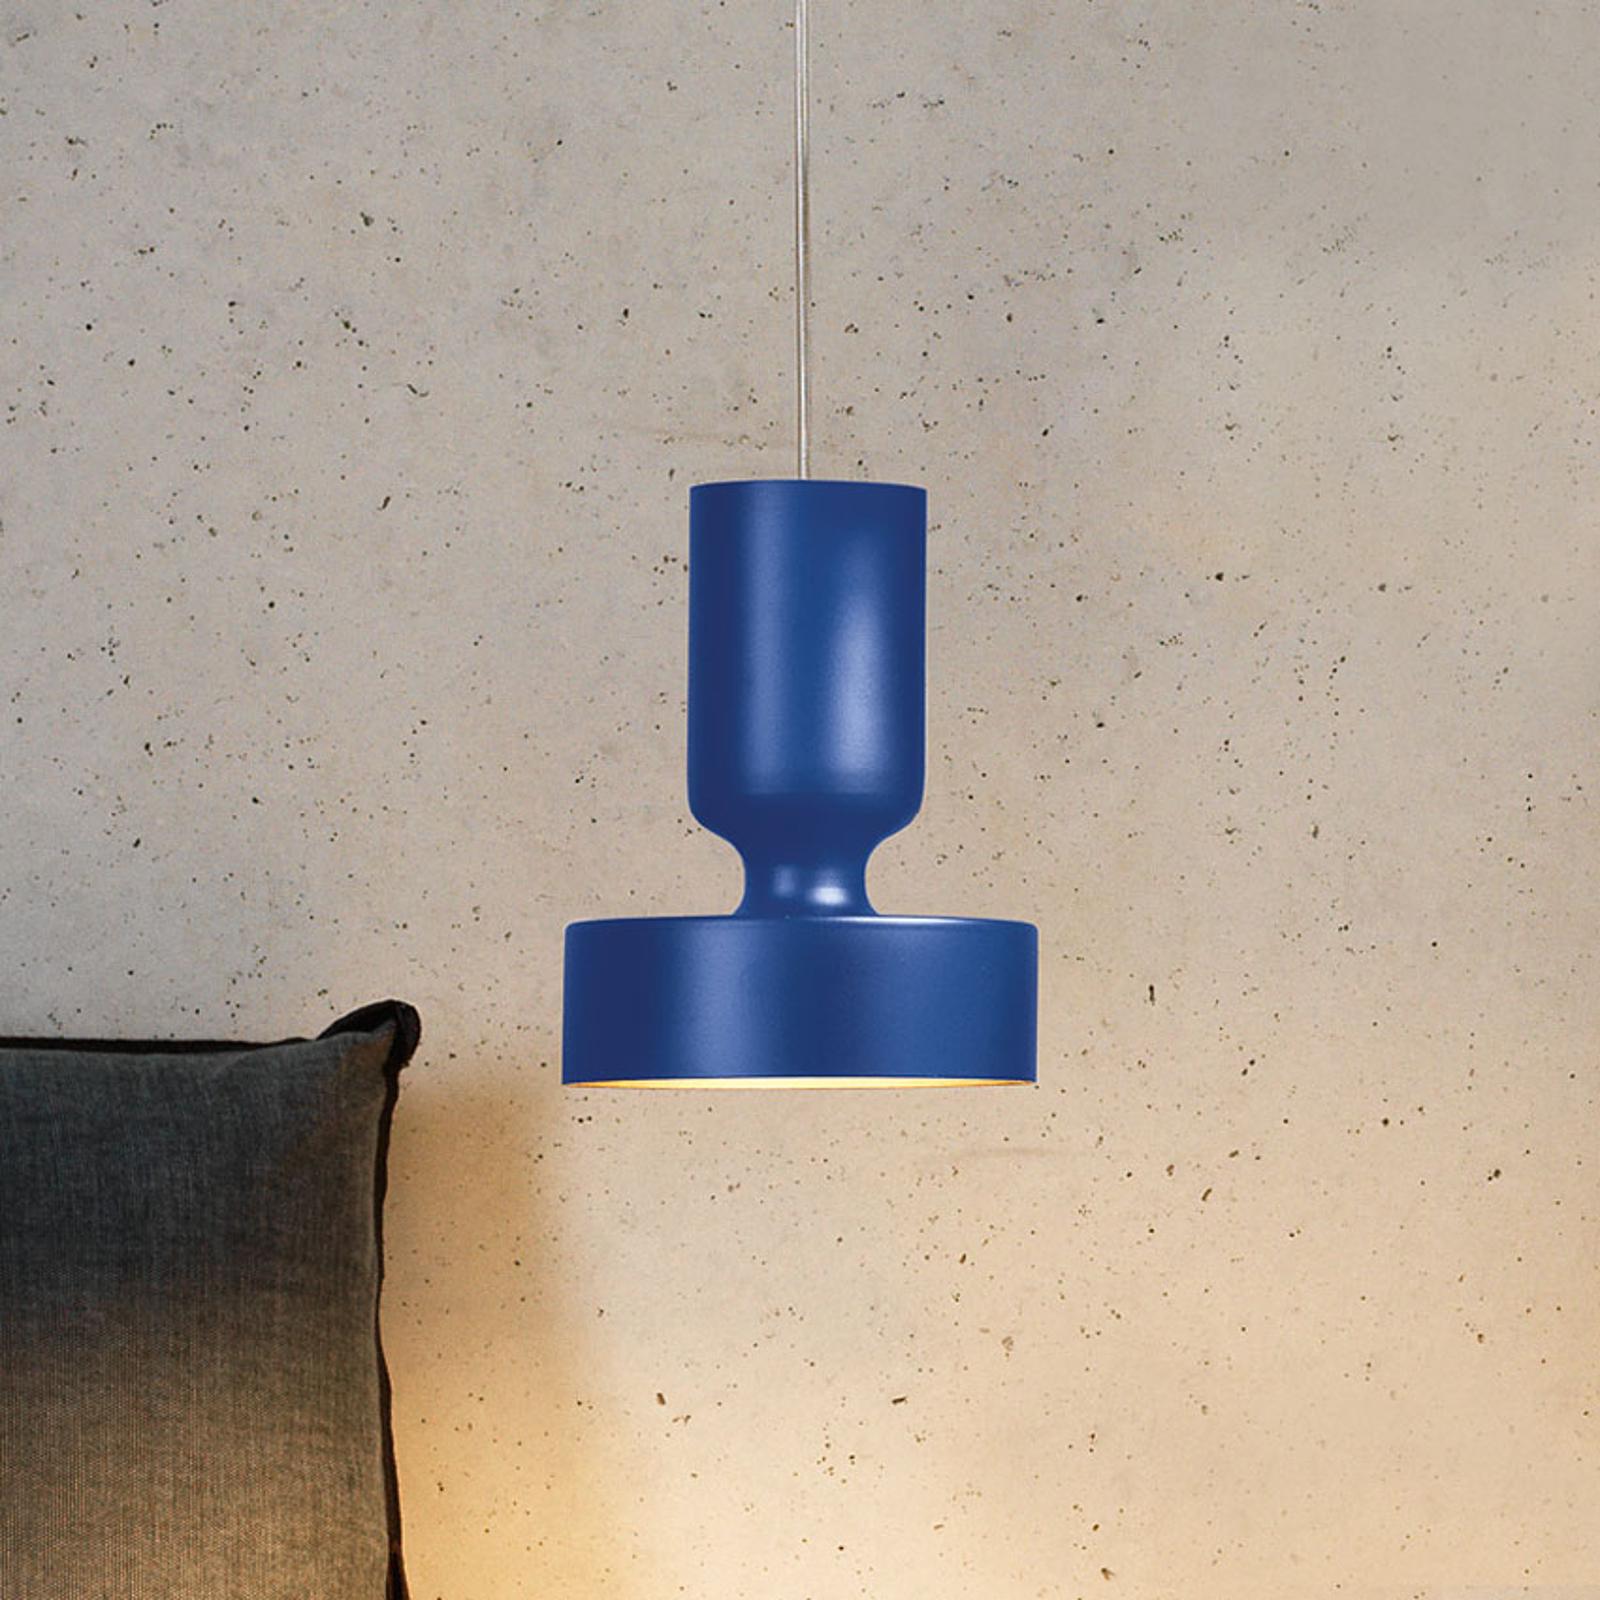 Modo Luce Hammer lampada sospensione Ø 15 cm blu